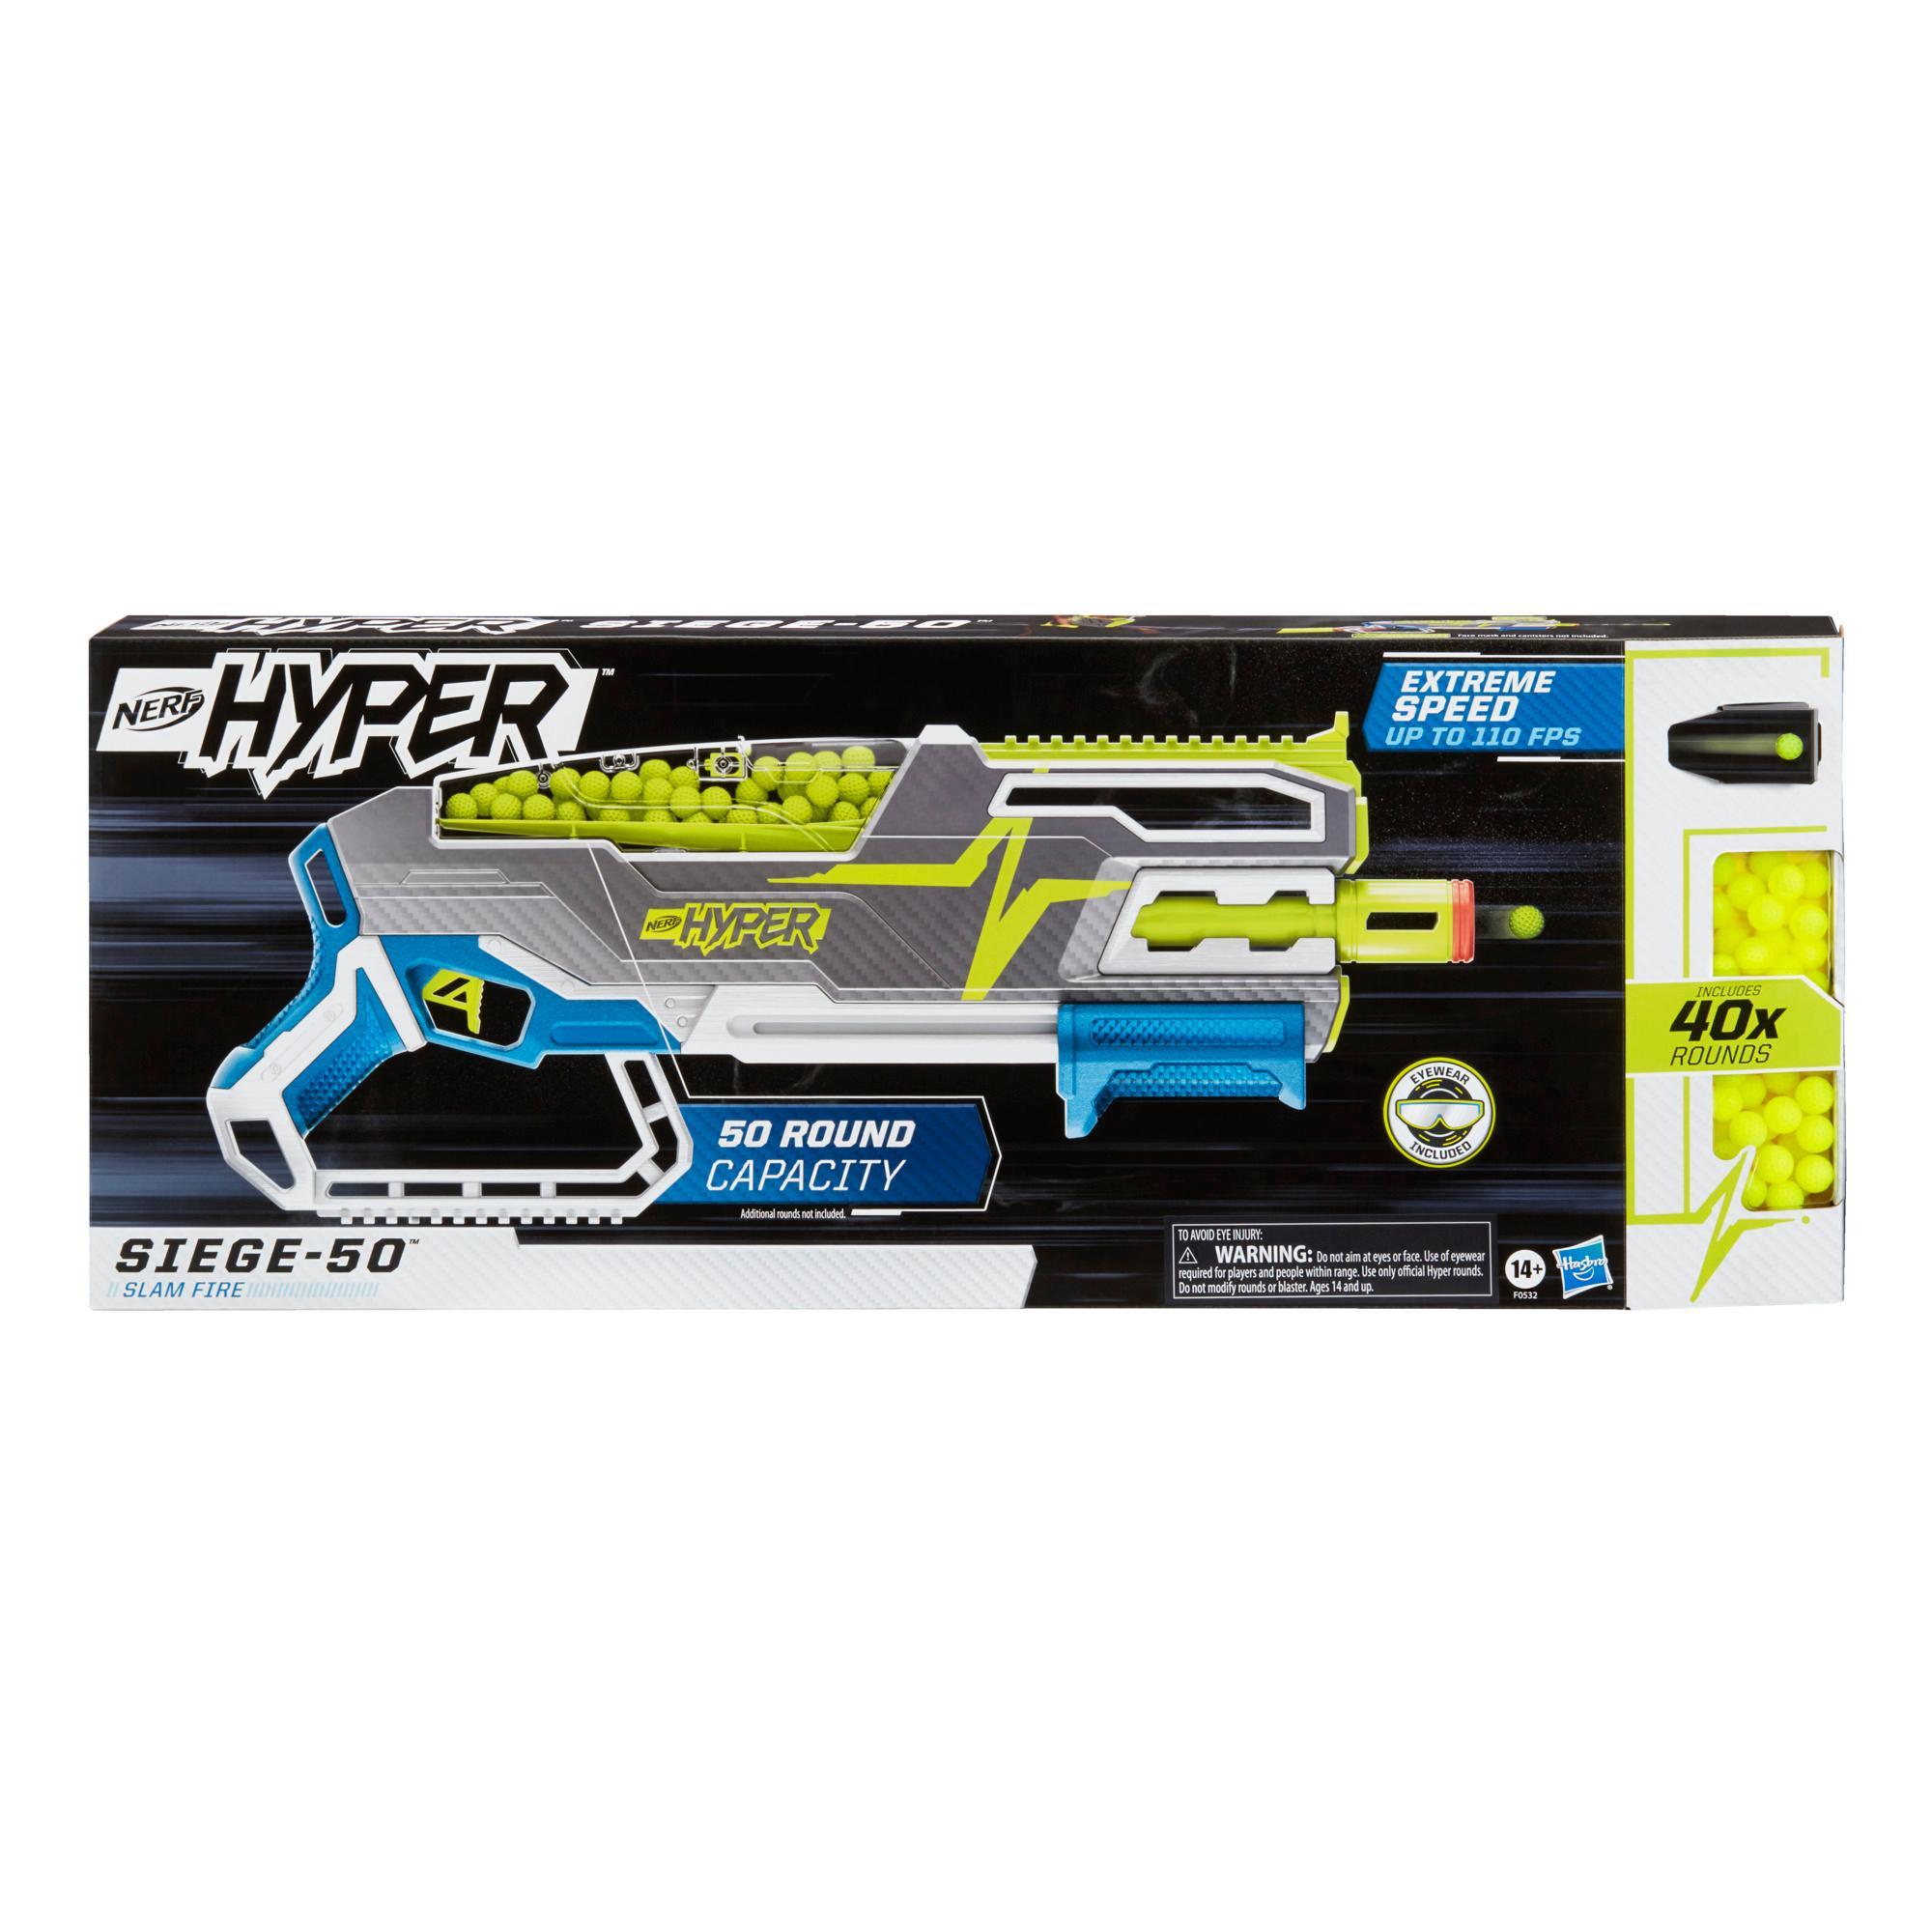 Nerf Hyper Siege-50